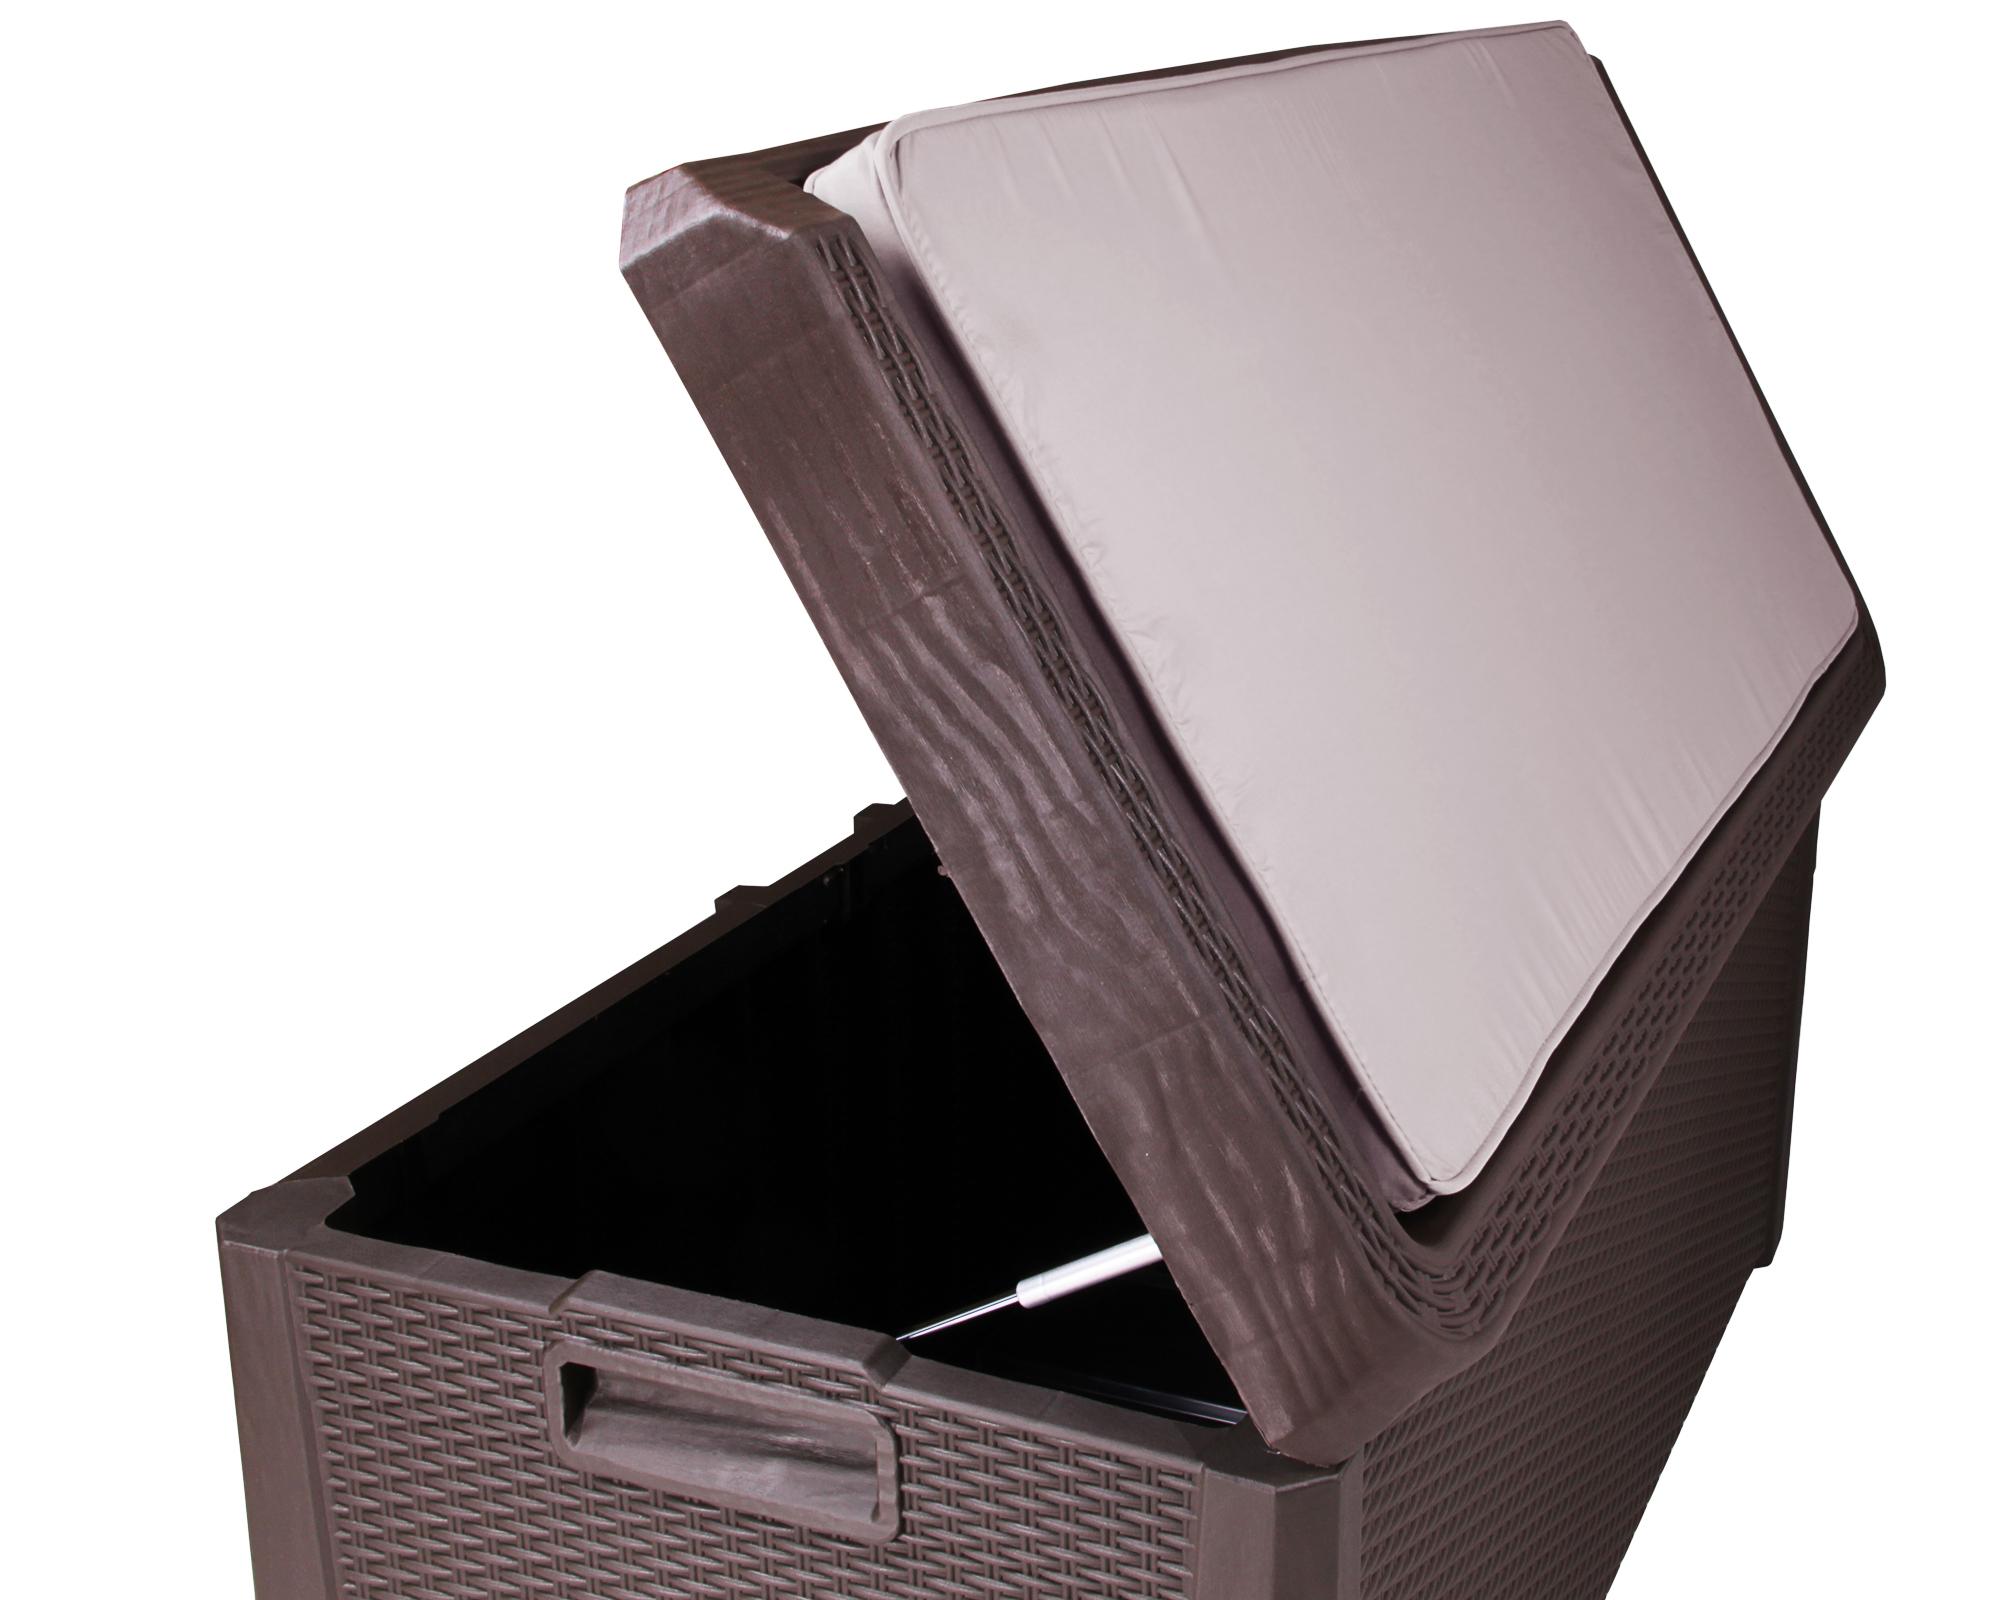 Gartenmobel Lounge Bequem : ONDIS24 Kissenbox Sitztruhe Santo Plus mit Auflage 560 L braun jetzt